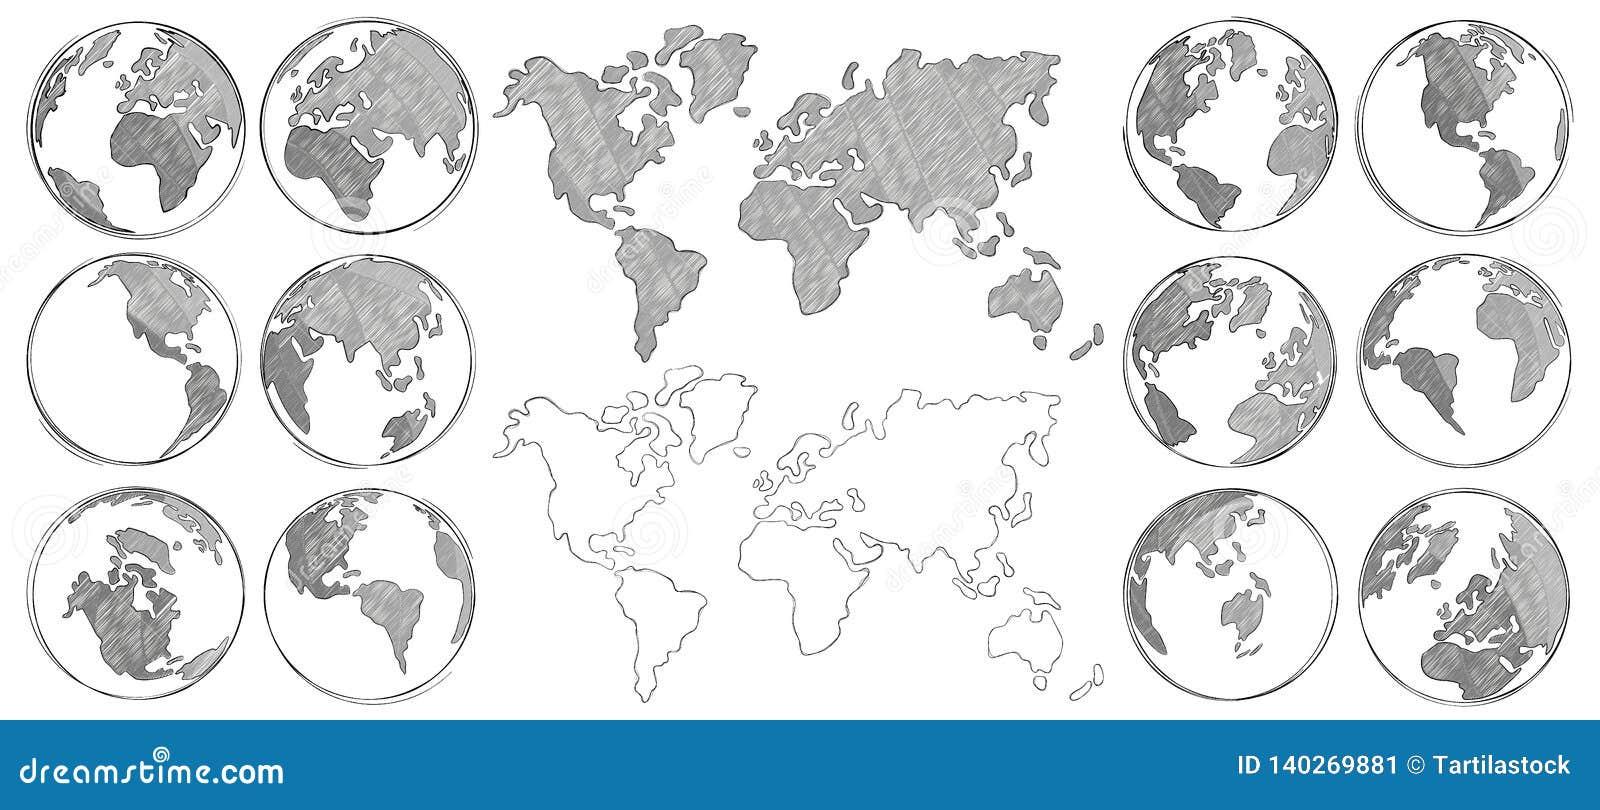 Mapa de bosquejo Globo exhausto de la tierra de la mano, mapas del mundo de dibujo y ejemplo aislado bosquejos del vector de los